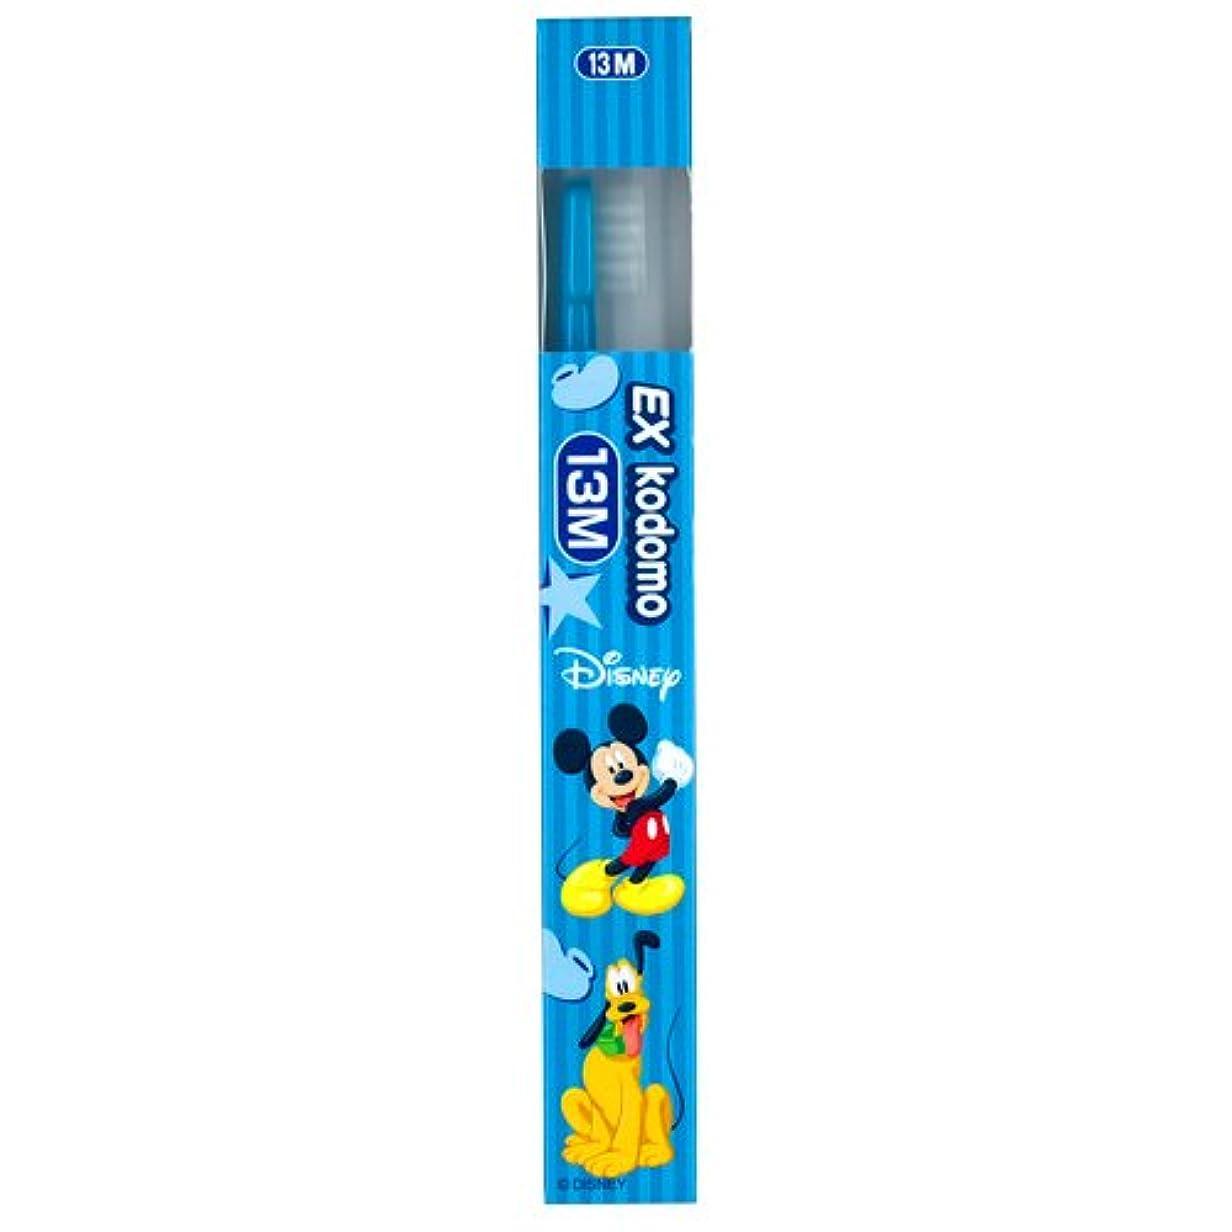 真似る必要性マントライオン EX kodomo ディズニー 歯ブラシ 1本 13M ブルー